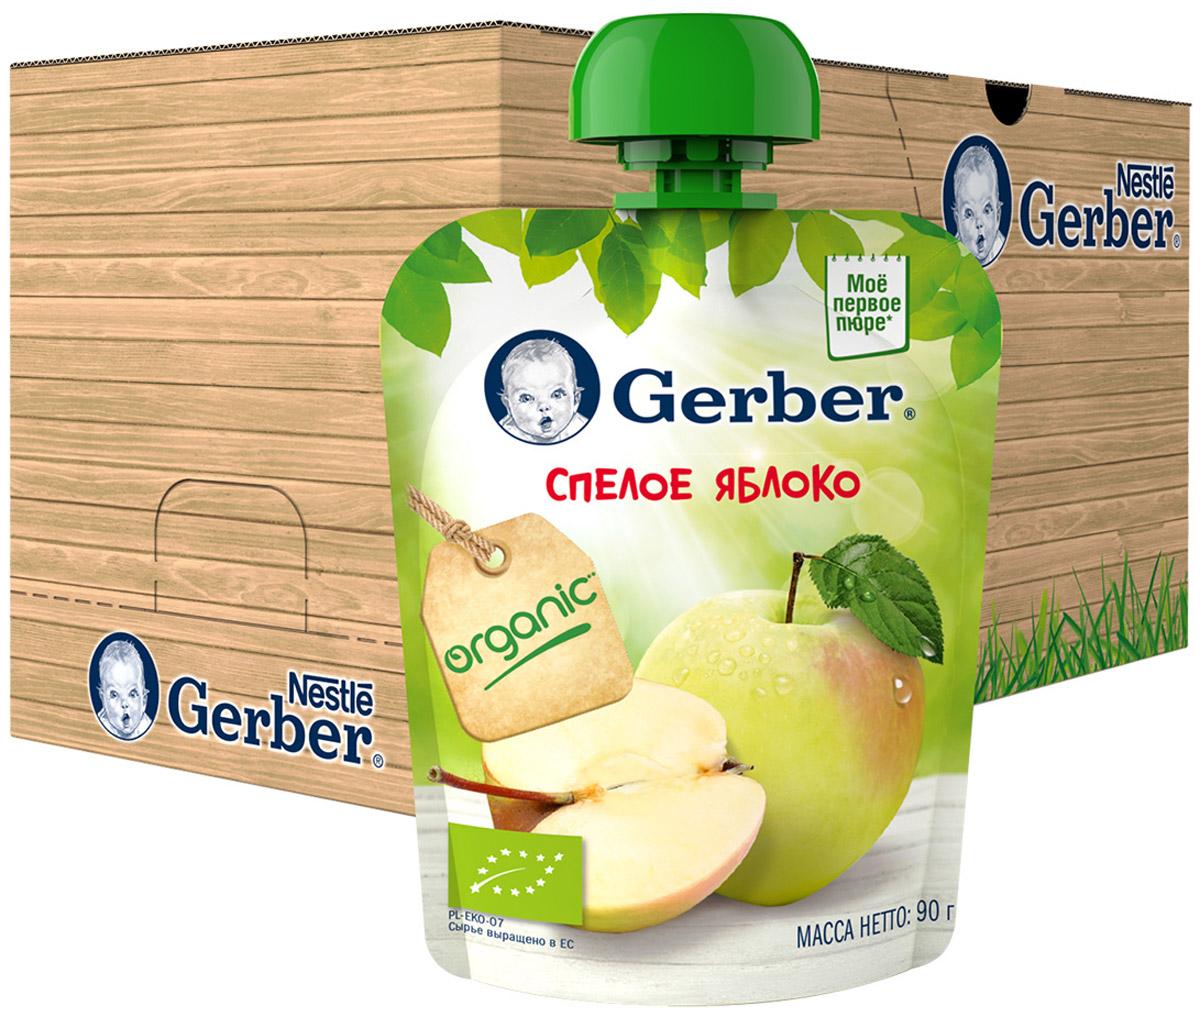 Gerber Органик Яблоко пюре, 16 шт по 90 г пюре gerber пюре яблоко банан с 6 мес 90 г